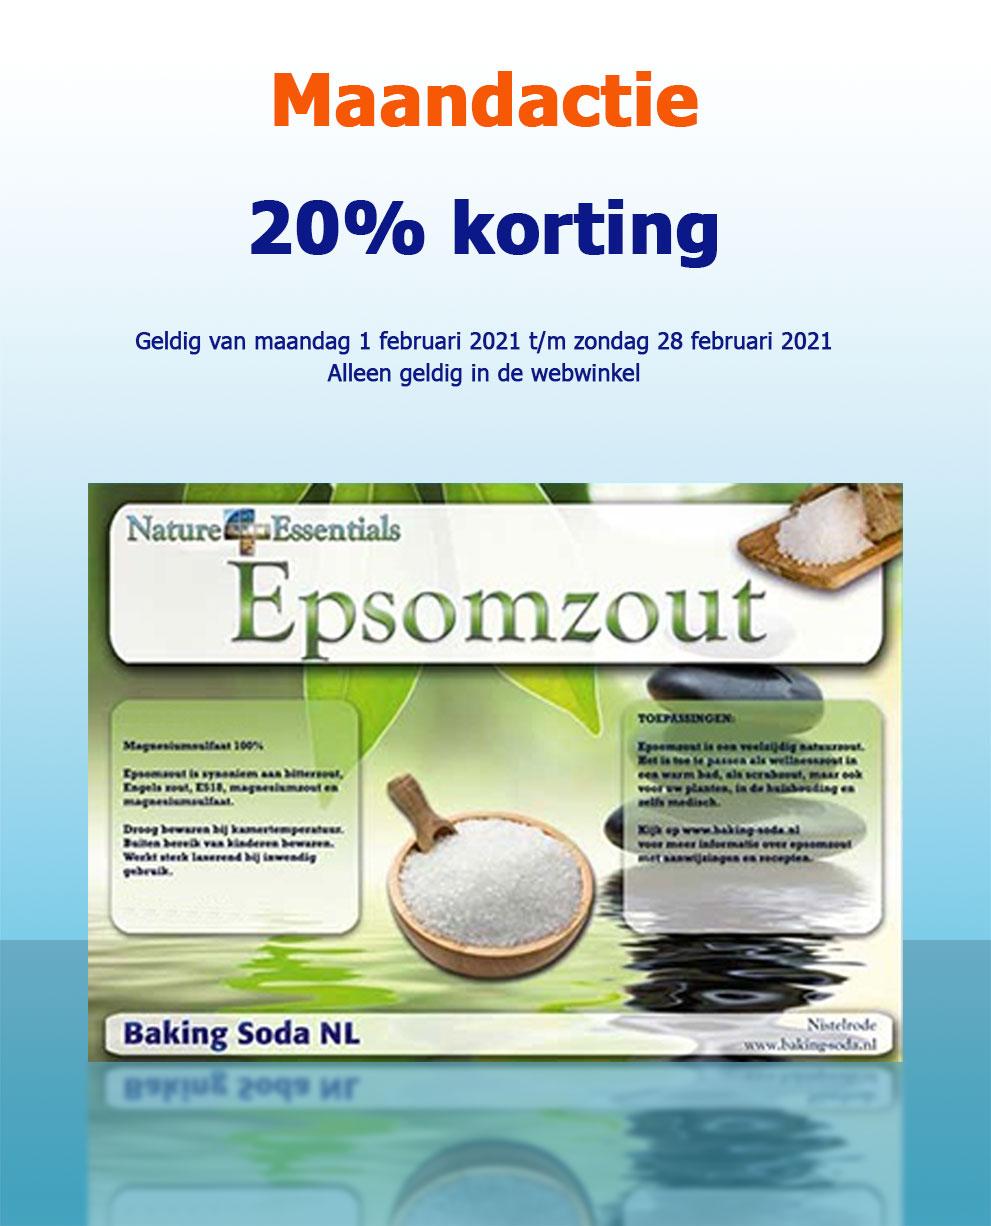 Maandactie-februari-2021-epsomzout-bakingsoda-nl